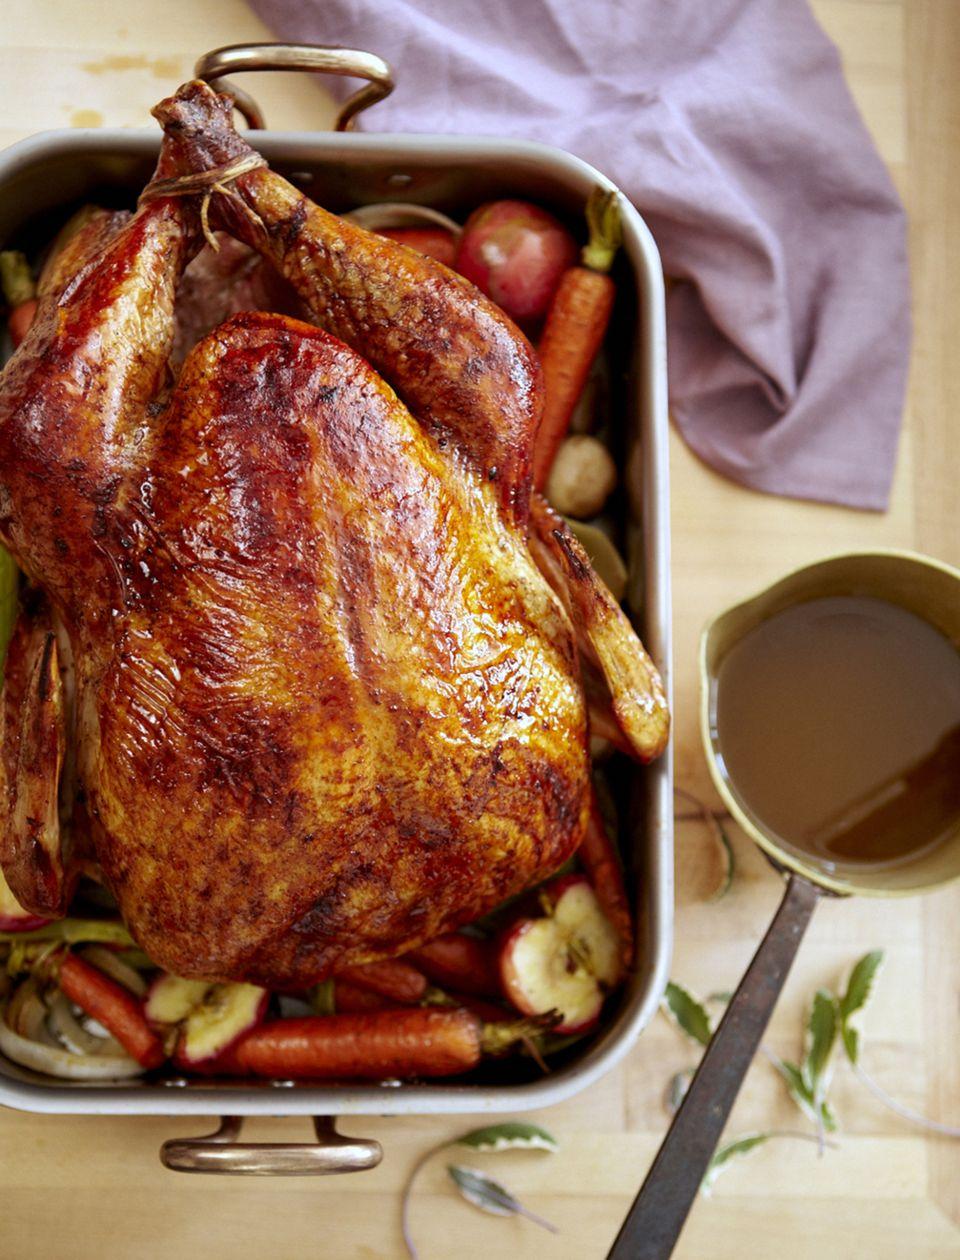 roast turkey and vegetables in roasting pan